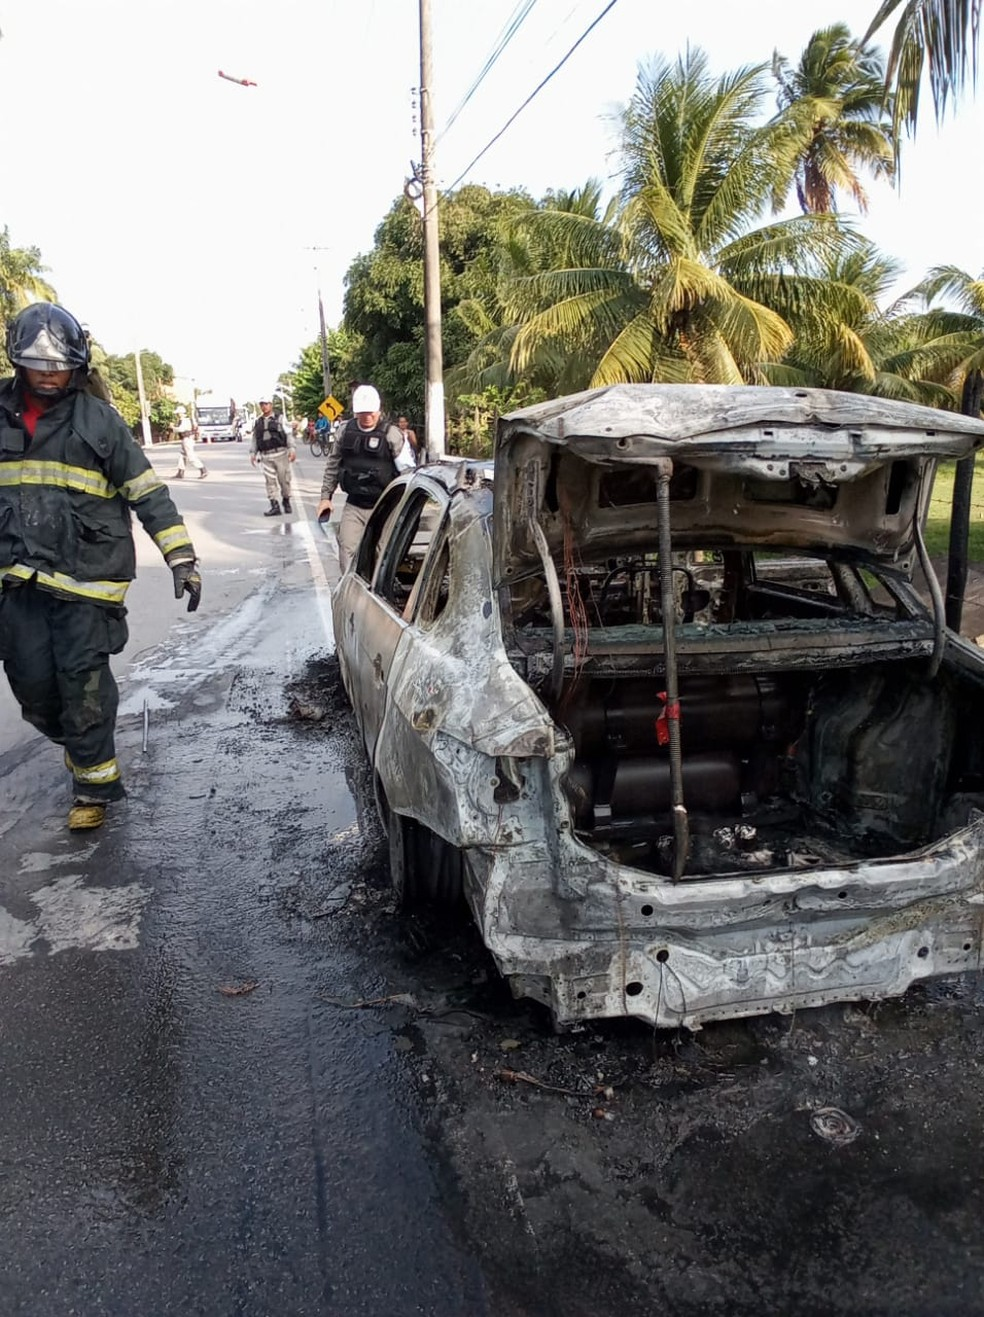 Carro ficou totalmente destruído depois de incêdio em Marechal Deodoro — Foto: Divulgação/Corpo de Bombeiros de Alagoas